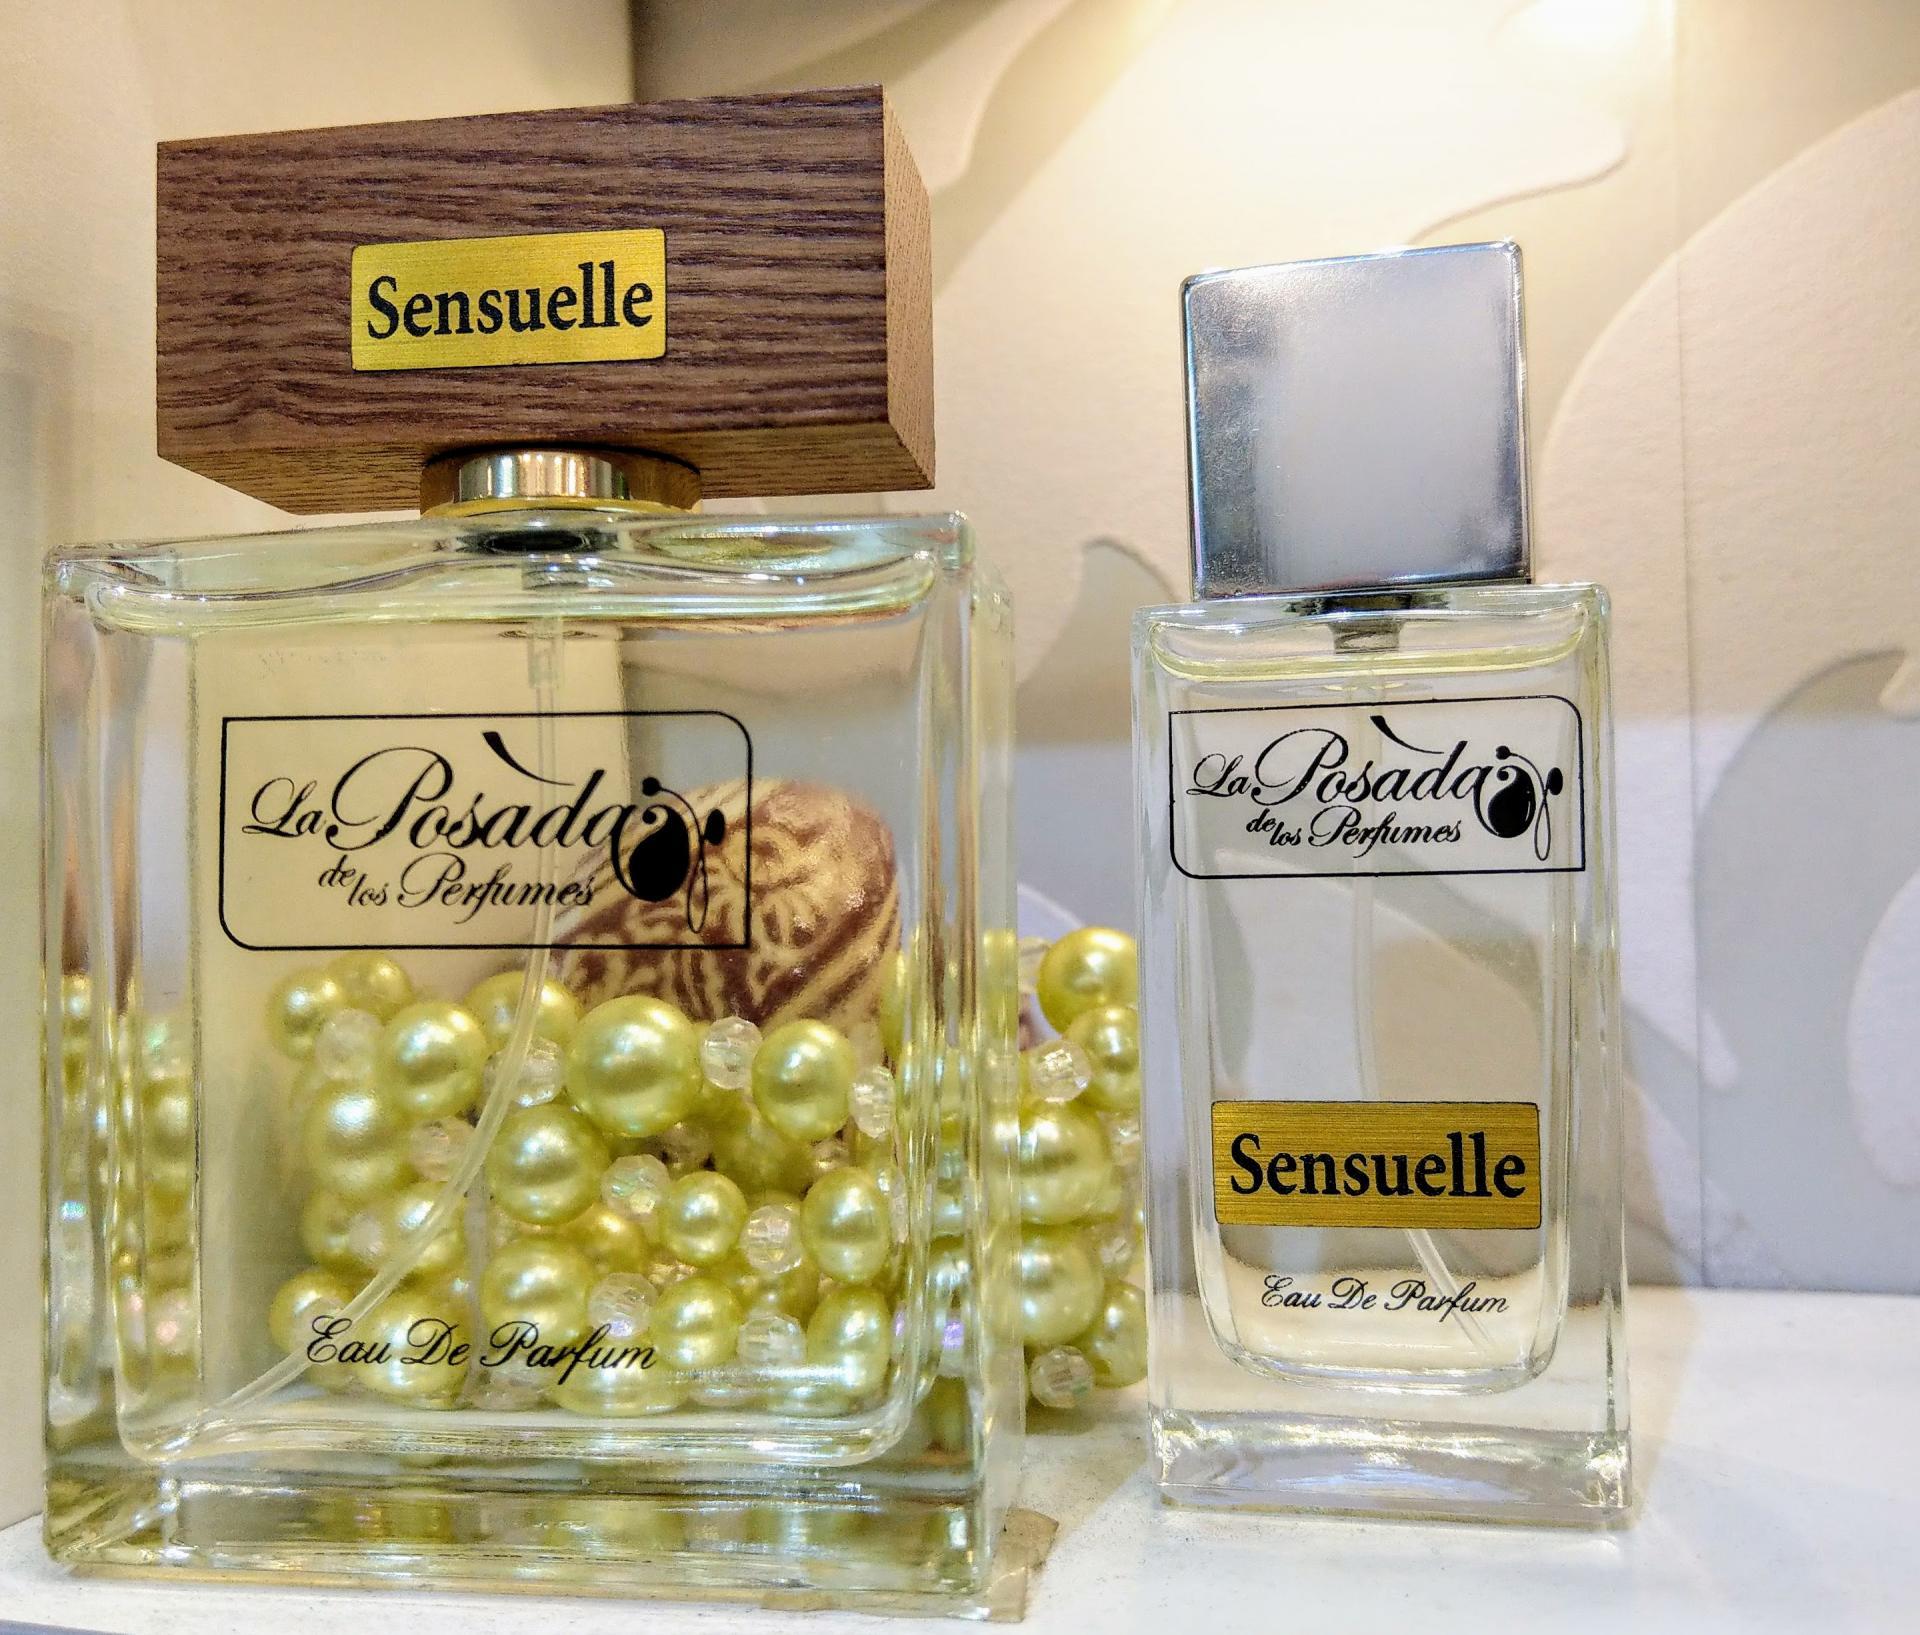 Sensuelle Eau de Parfum